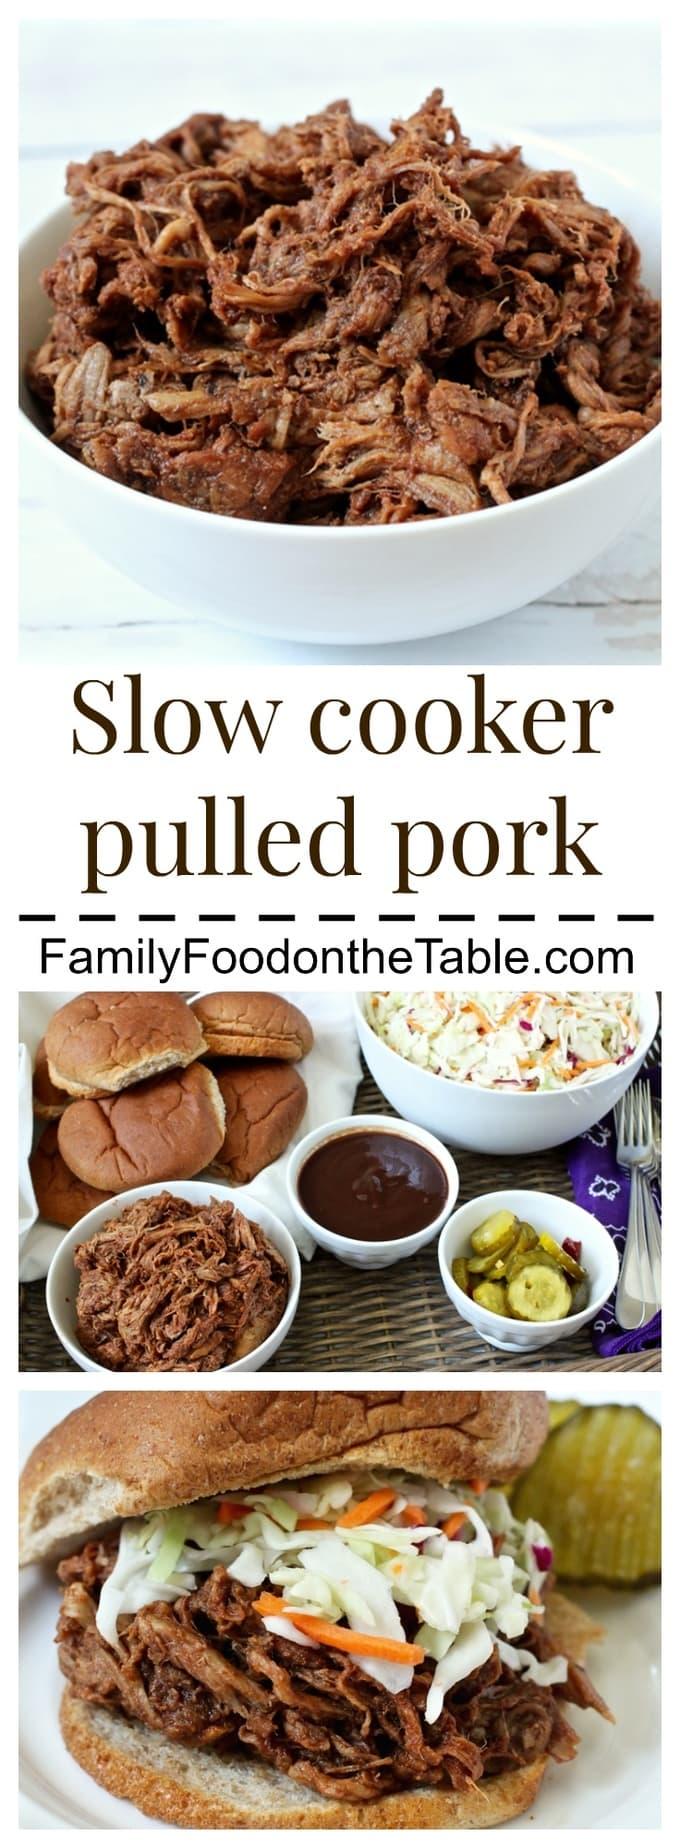 An easy 3-ingredient slow cooker pulled pork using pork tenderloin | FamilyFoodontheTable.com